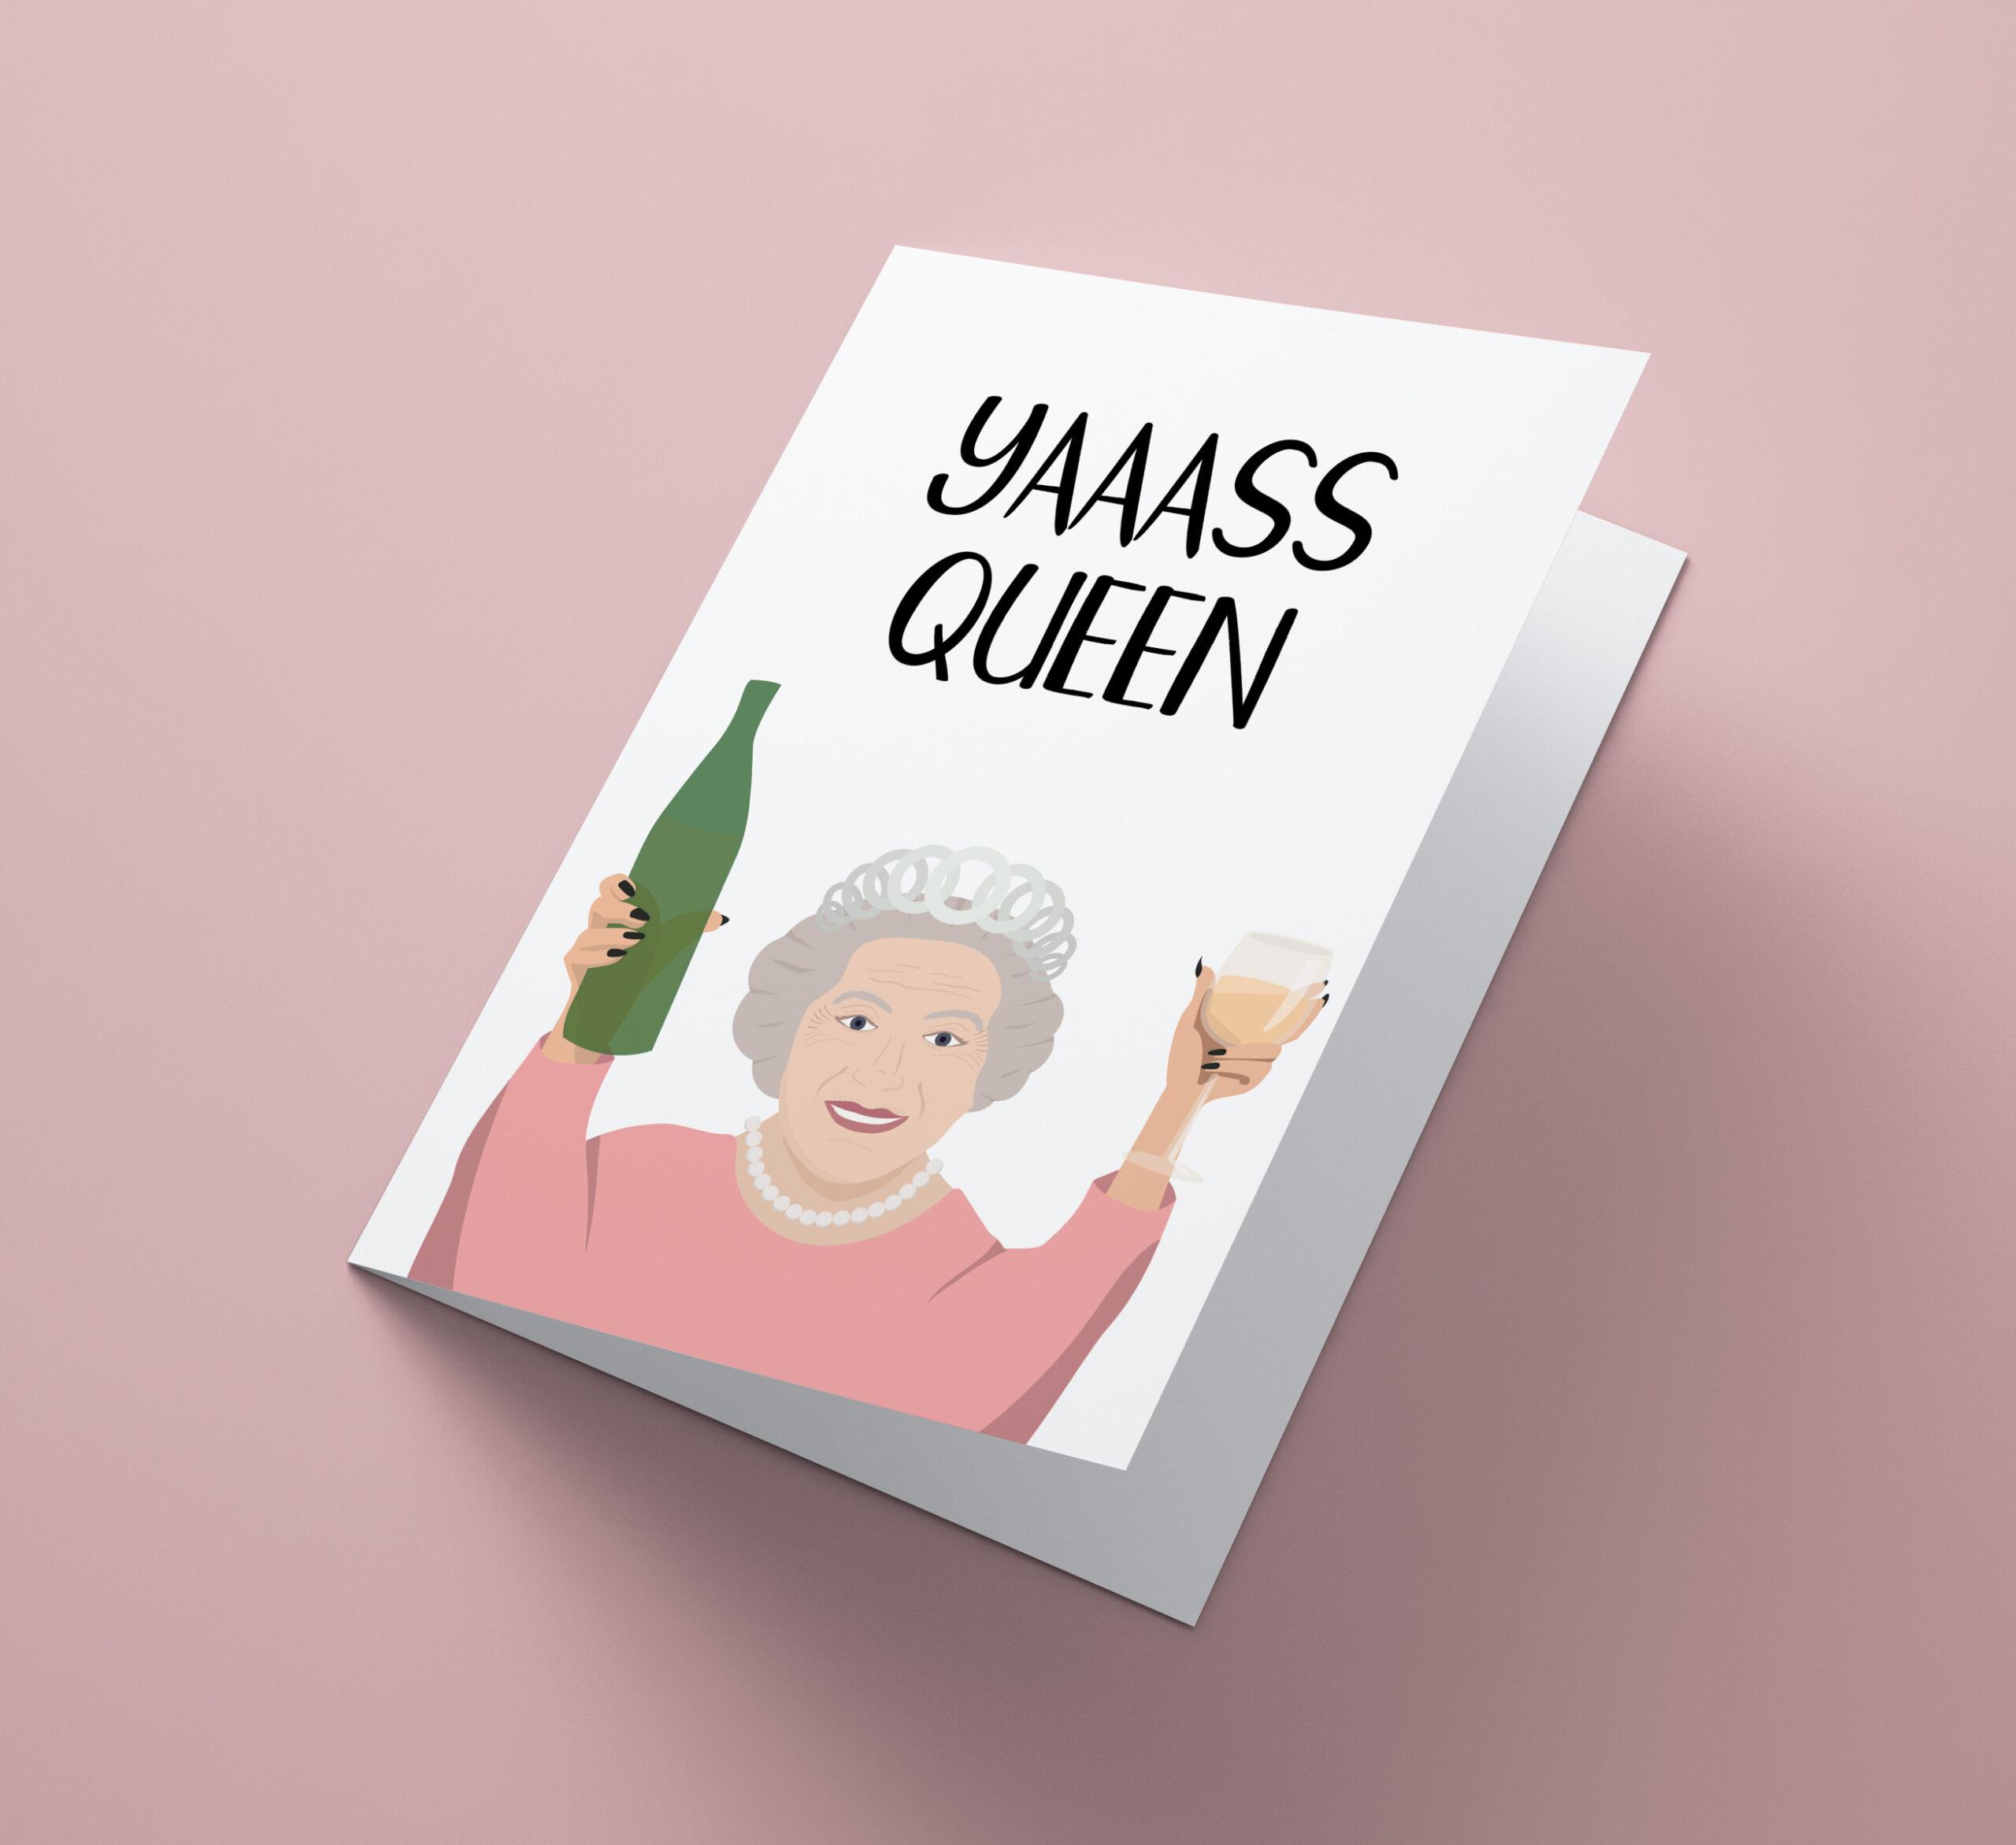 Yaasss Queen